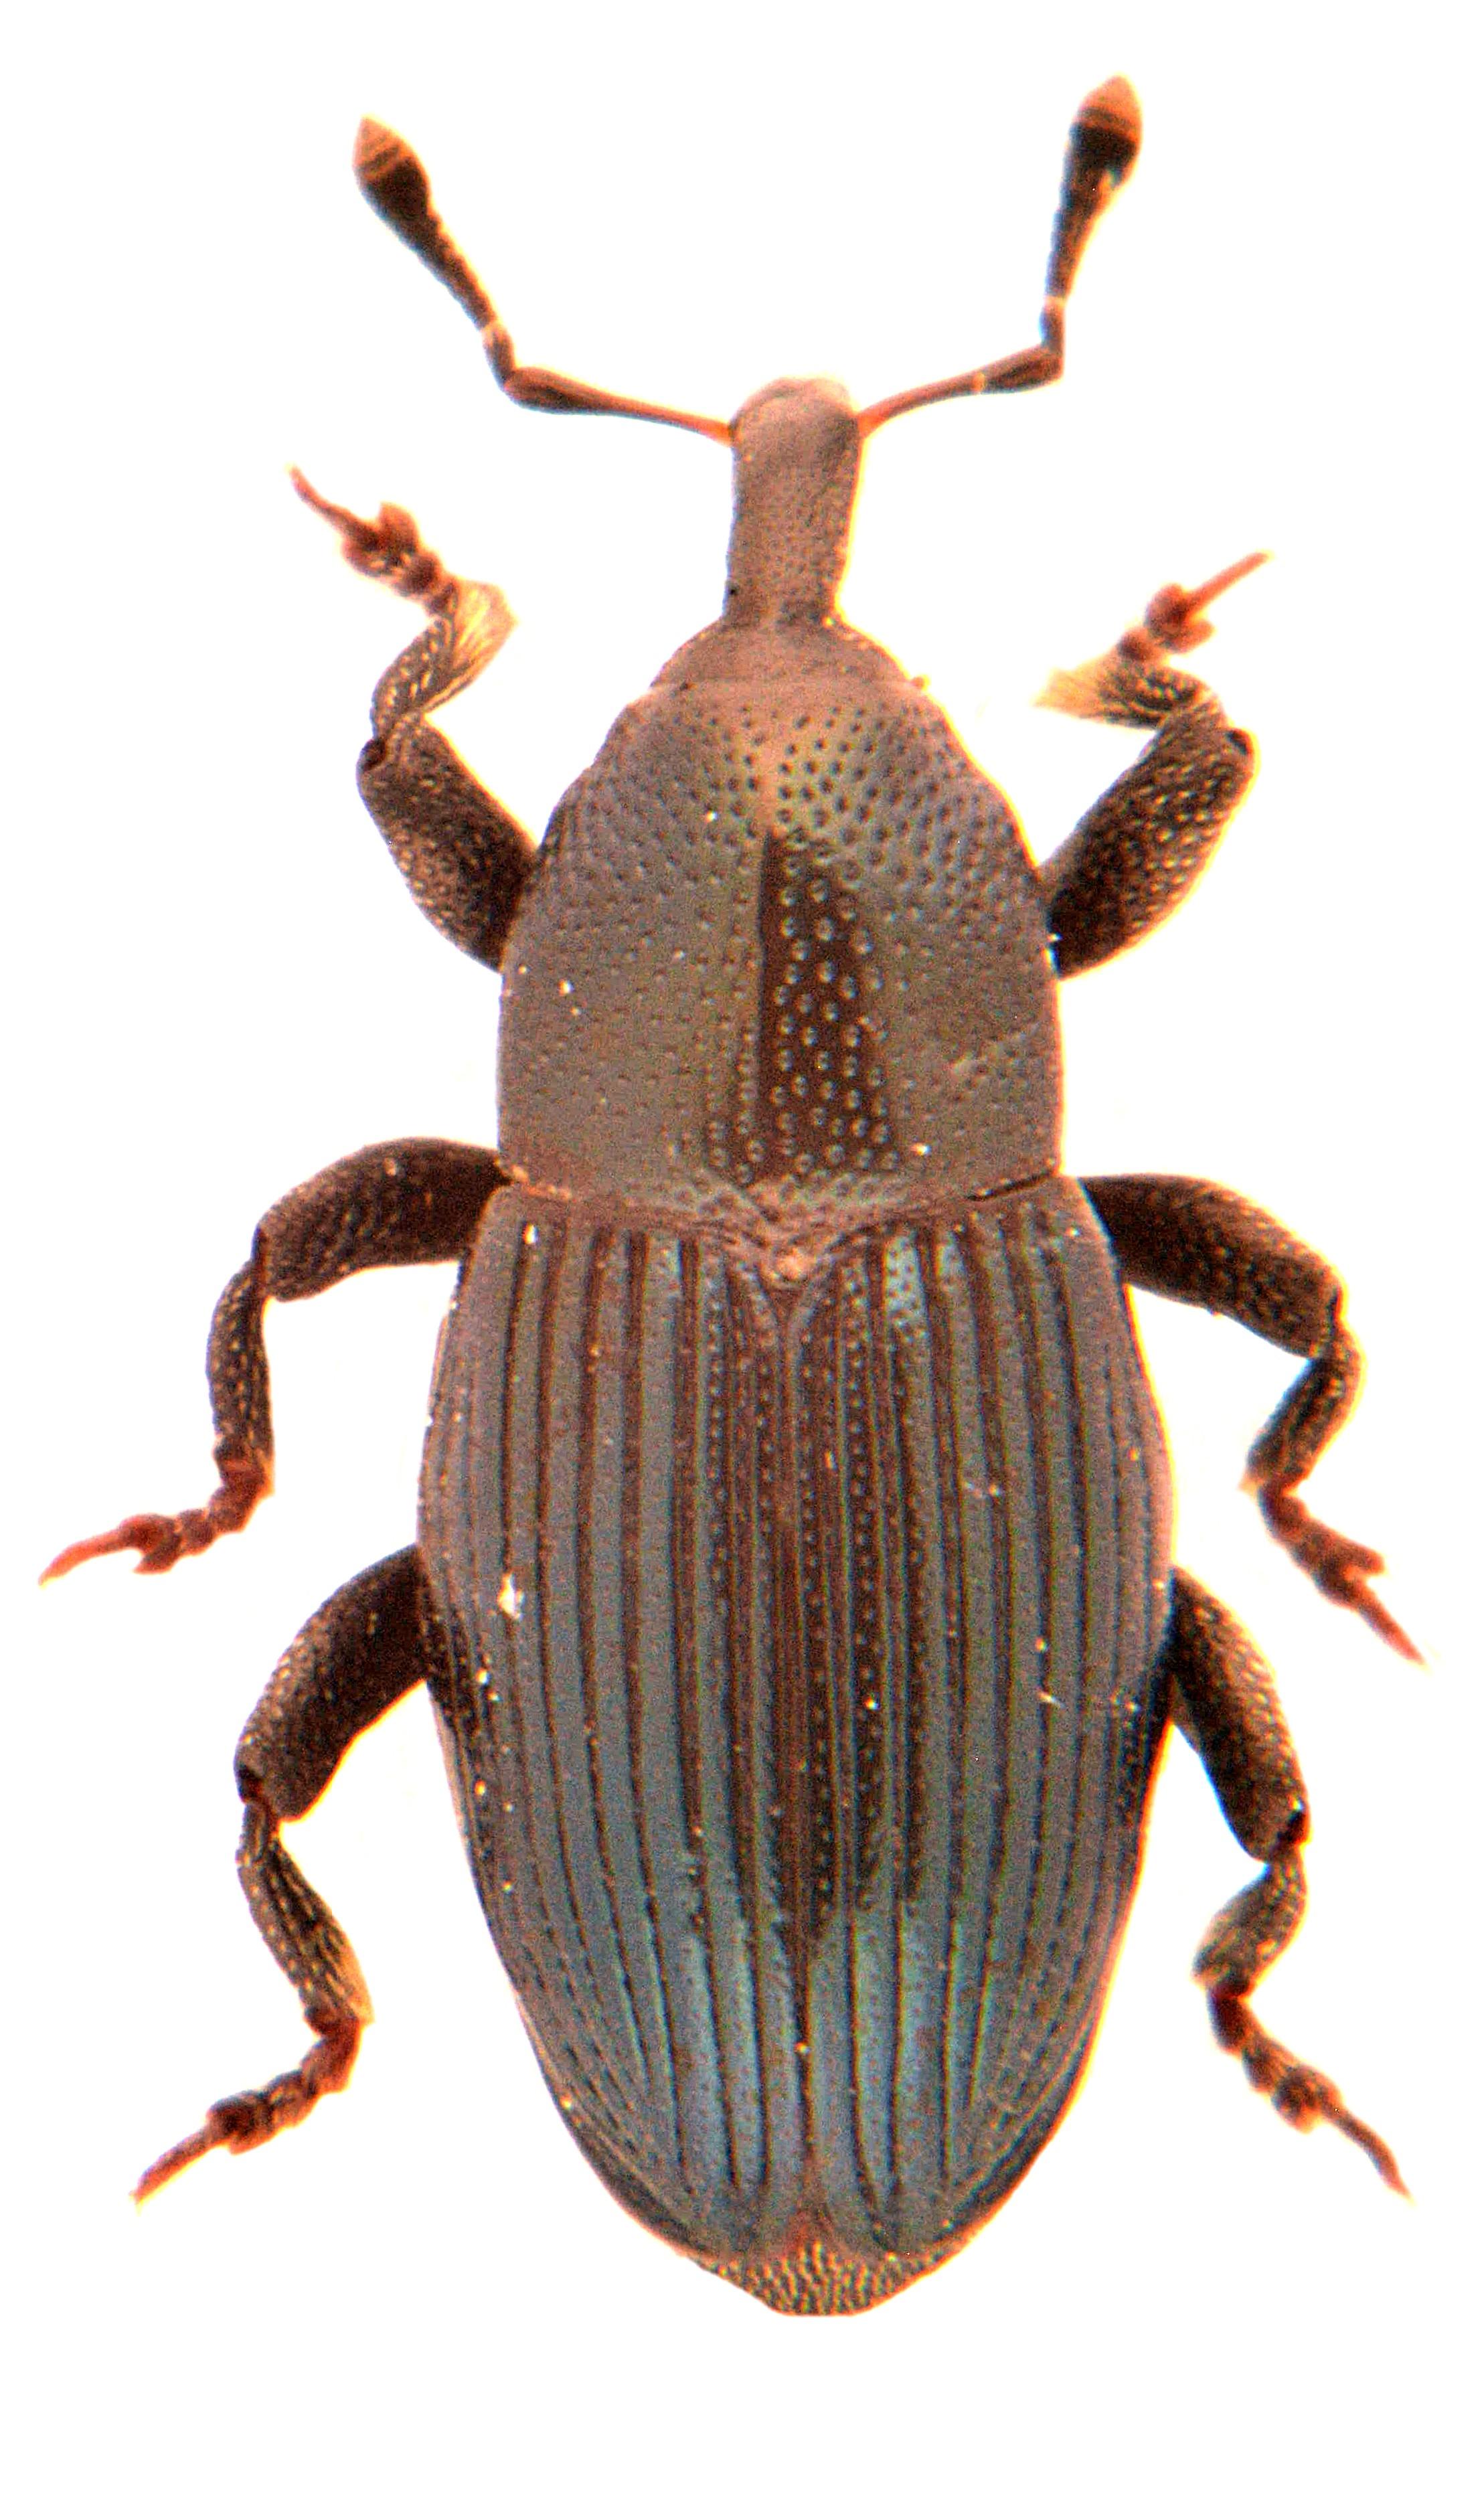 Aulacobaris lepidii